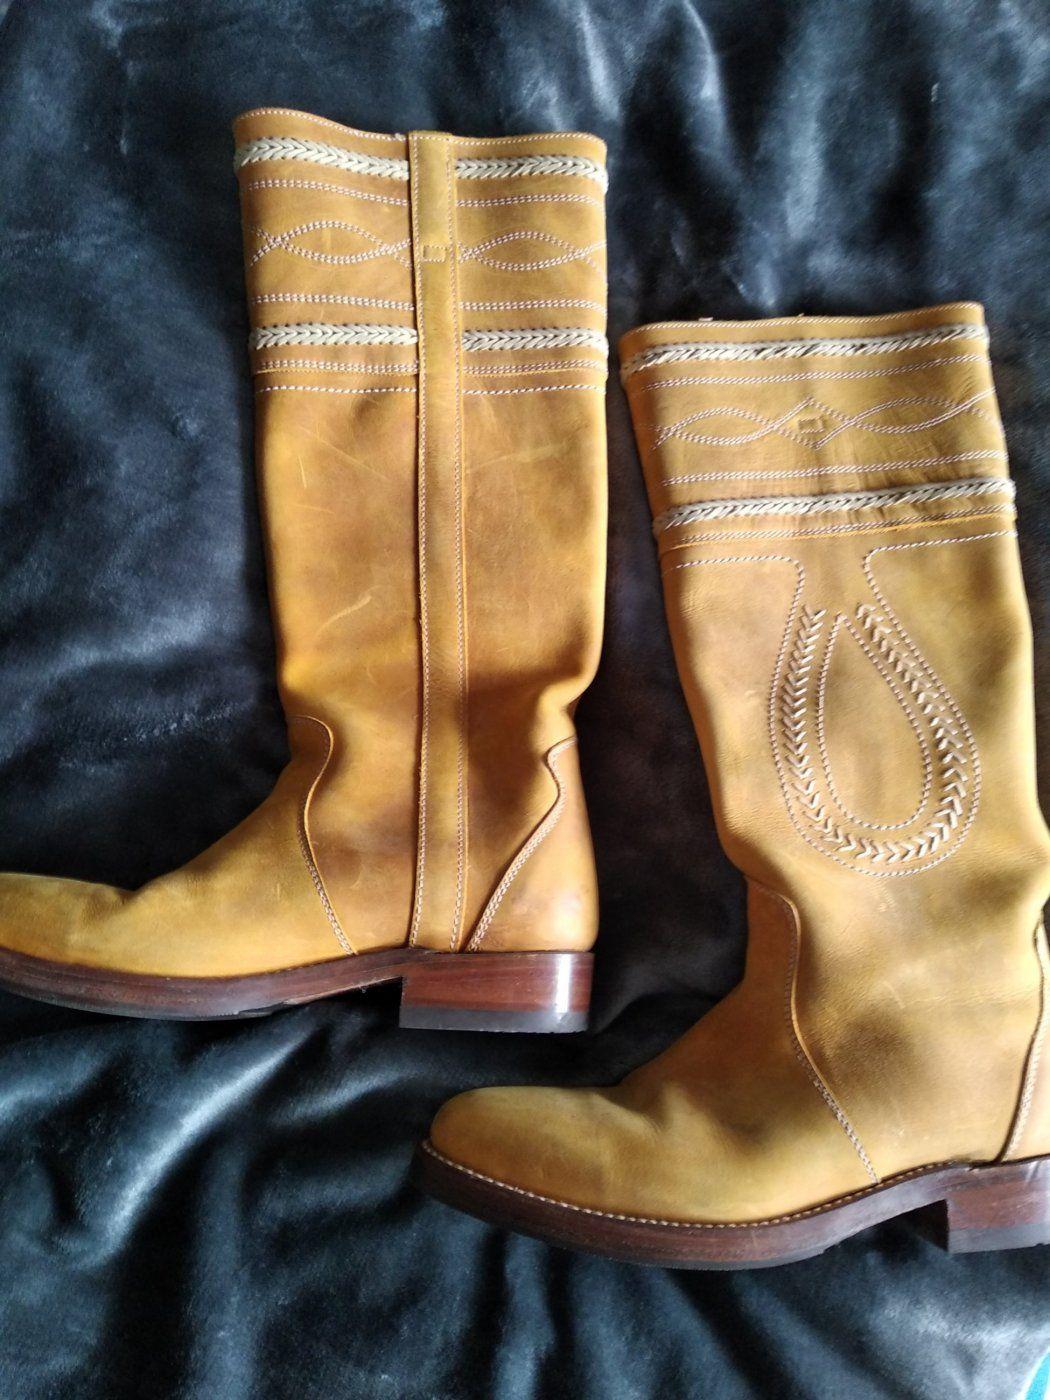 sancho boots gr 39 senf/ockergelb   Mädchenflohmarkt